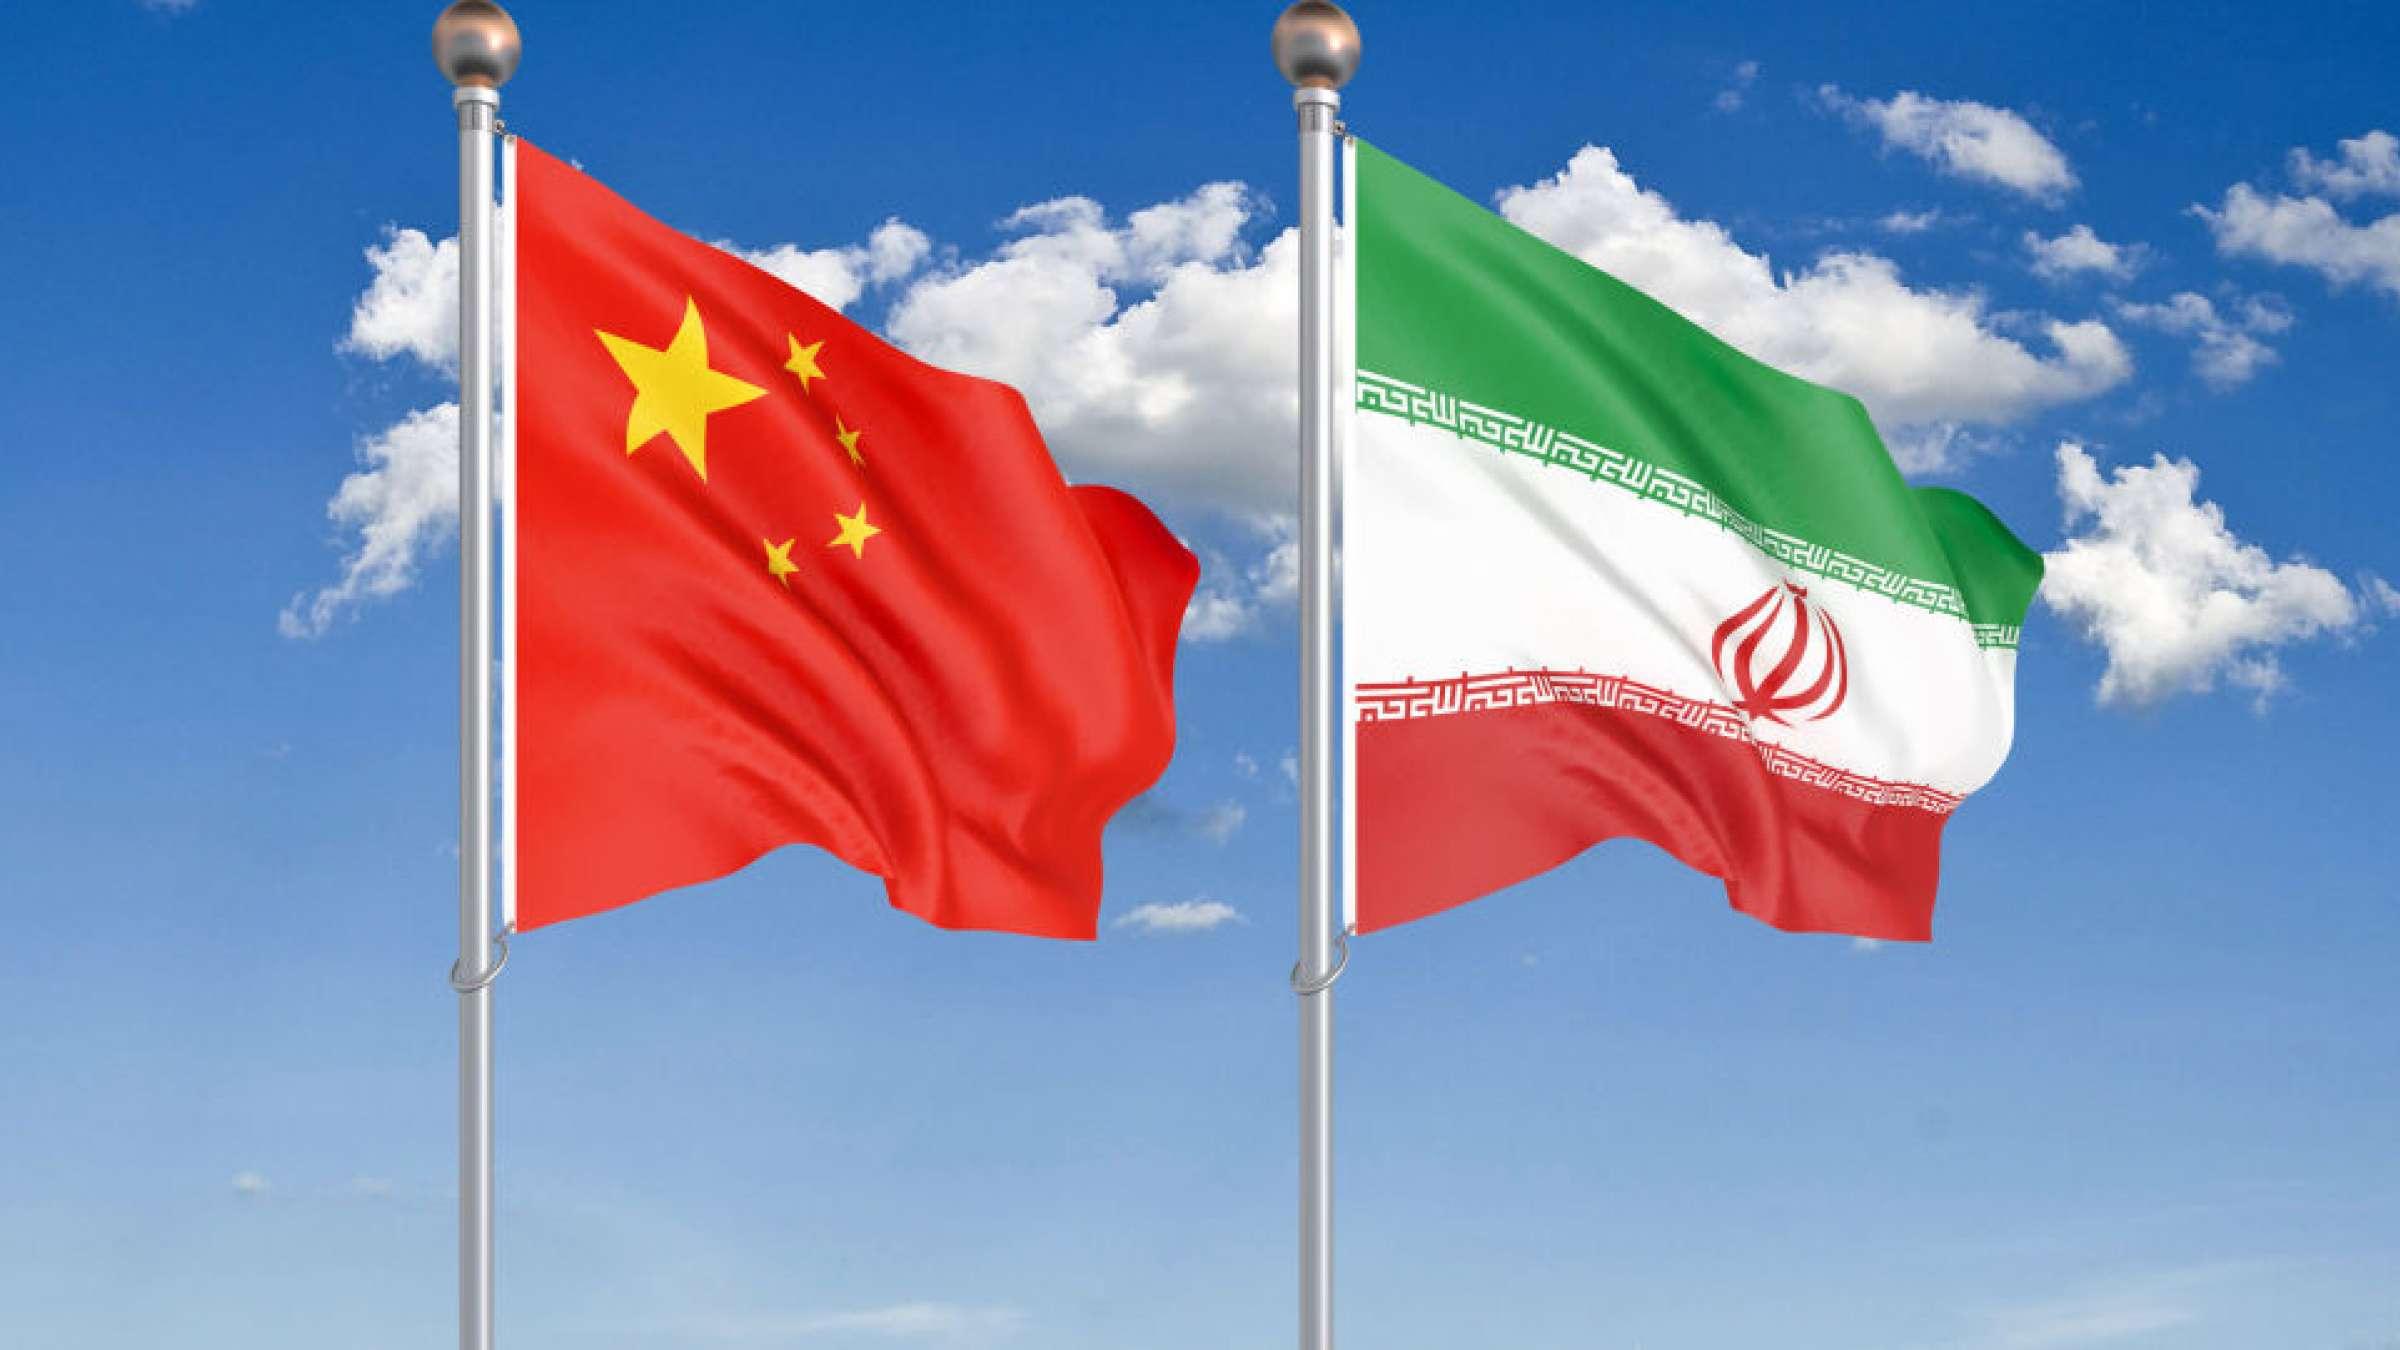 قرارداد-۲۵- ساله-ایران-و-چین-جهت-گیری-ضد-آمریکایی-دارد-جمهوری- اسلامی-چین-را-قدرت-اول-جهان-در-آینده- نزدیک- میداند-